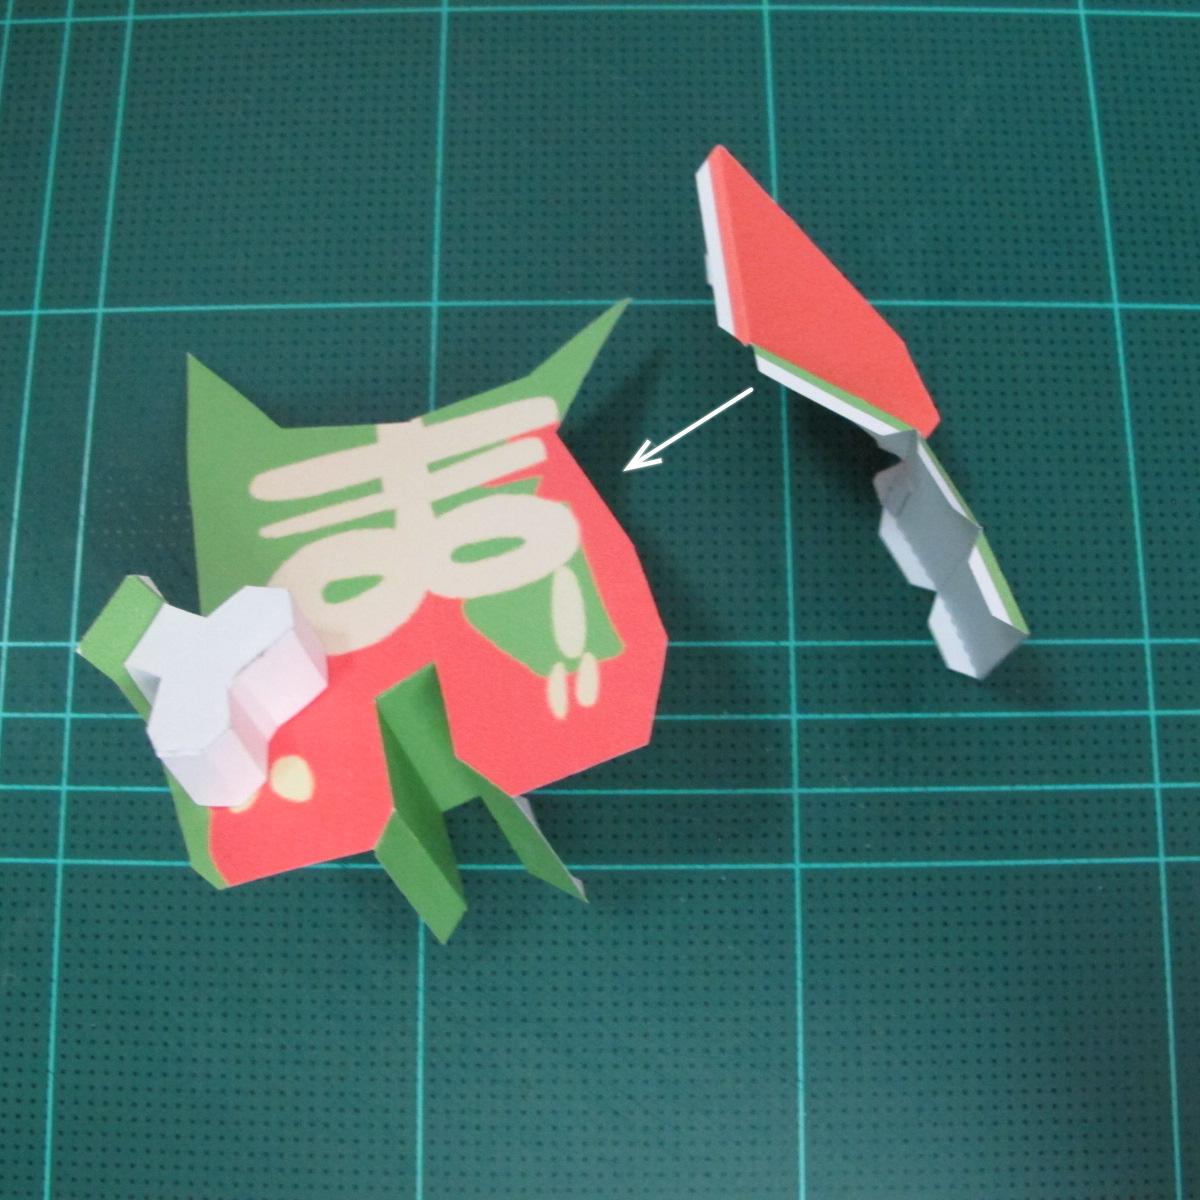 วิธีทำโมเดลกระดาษตุ้กตา คุกกี้ รัน คุกกี้รสซอมบี้ (LINE Cookie Run Zombie Cookie Papercraft Model) 020